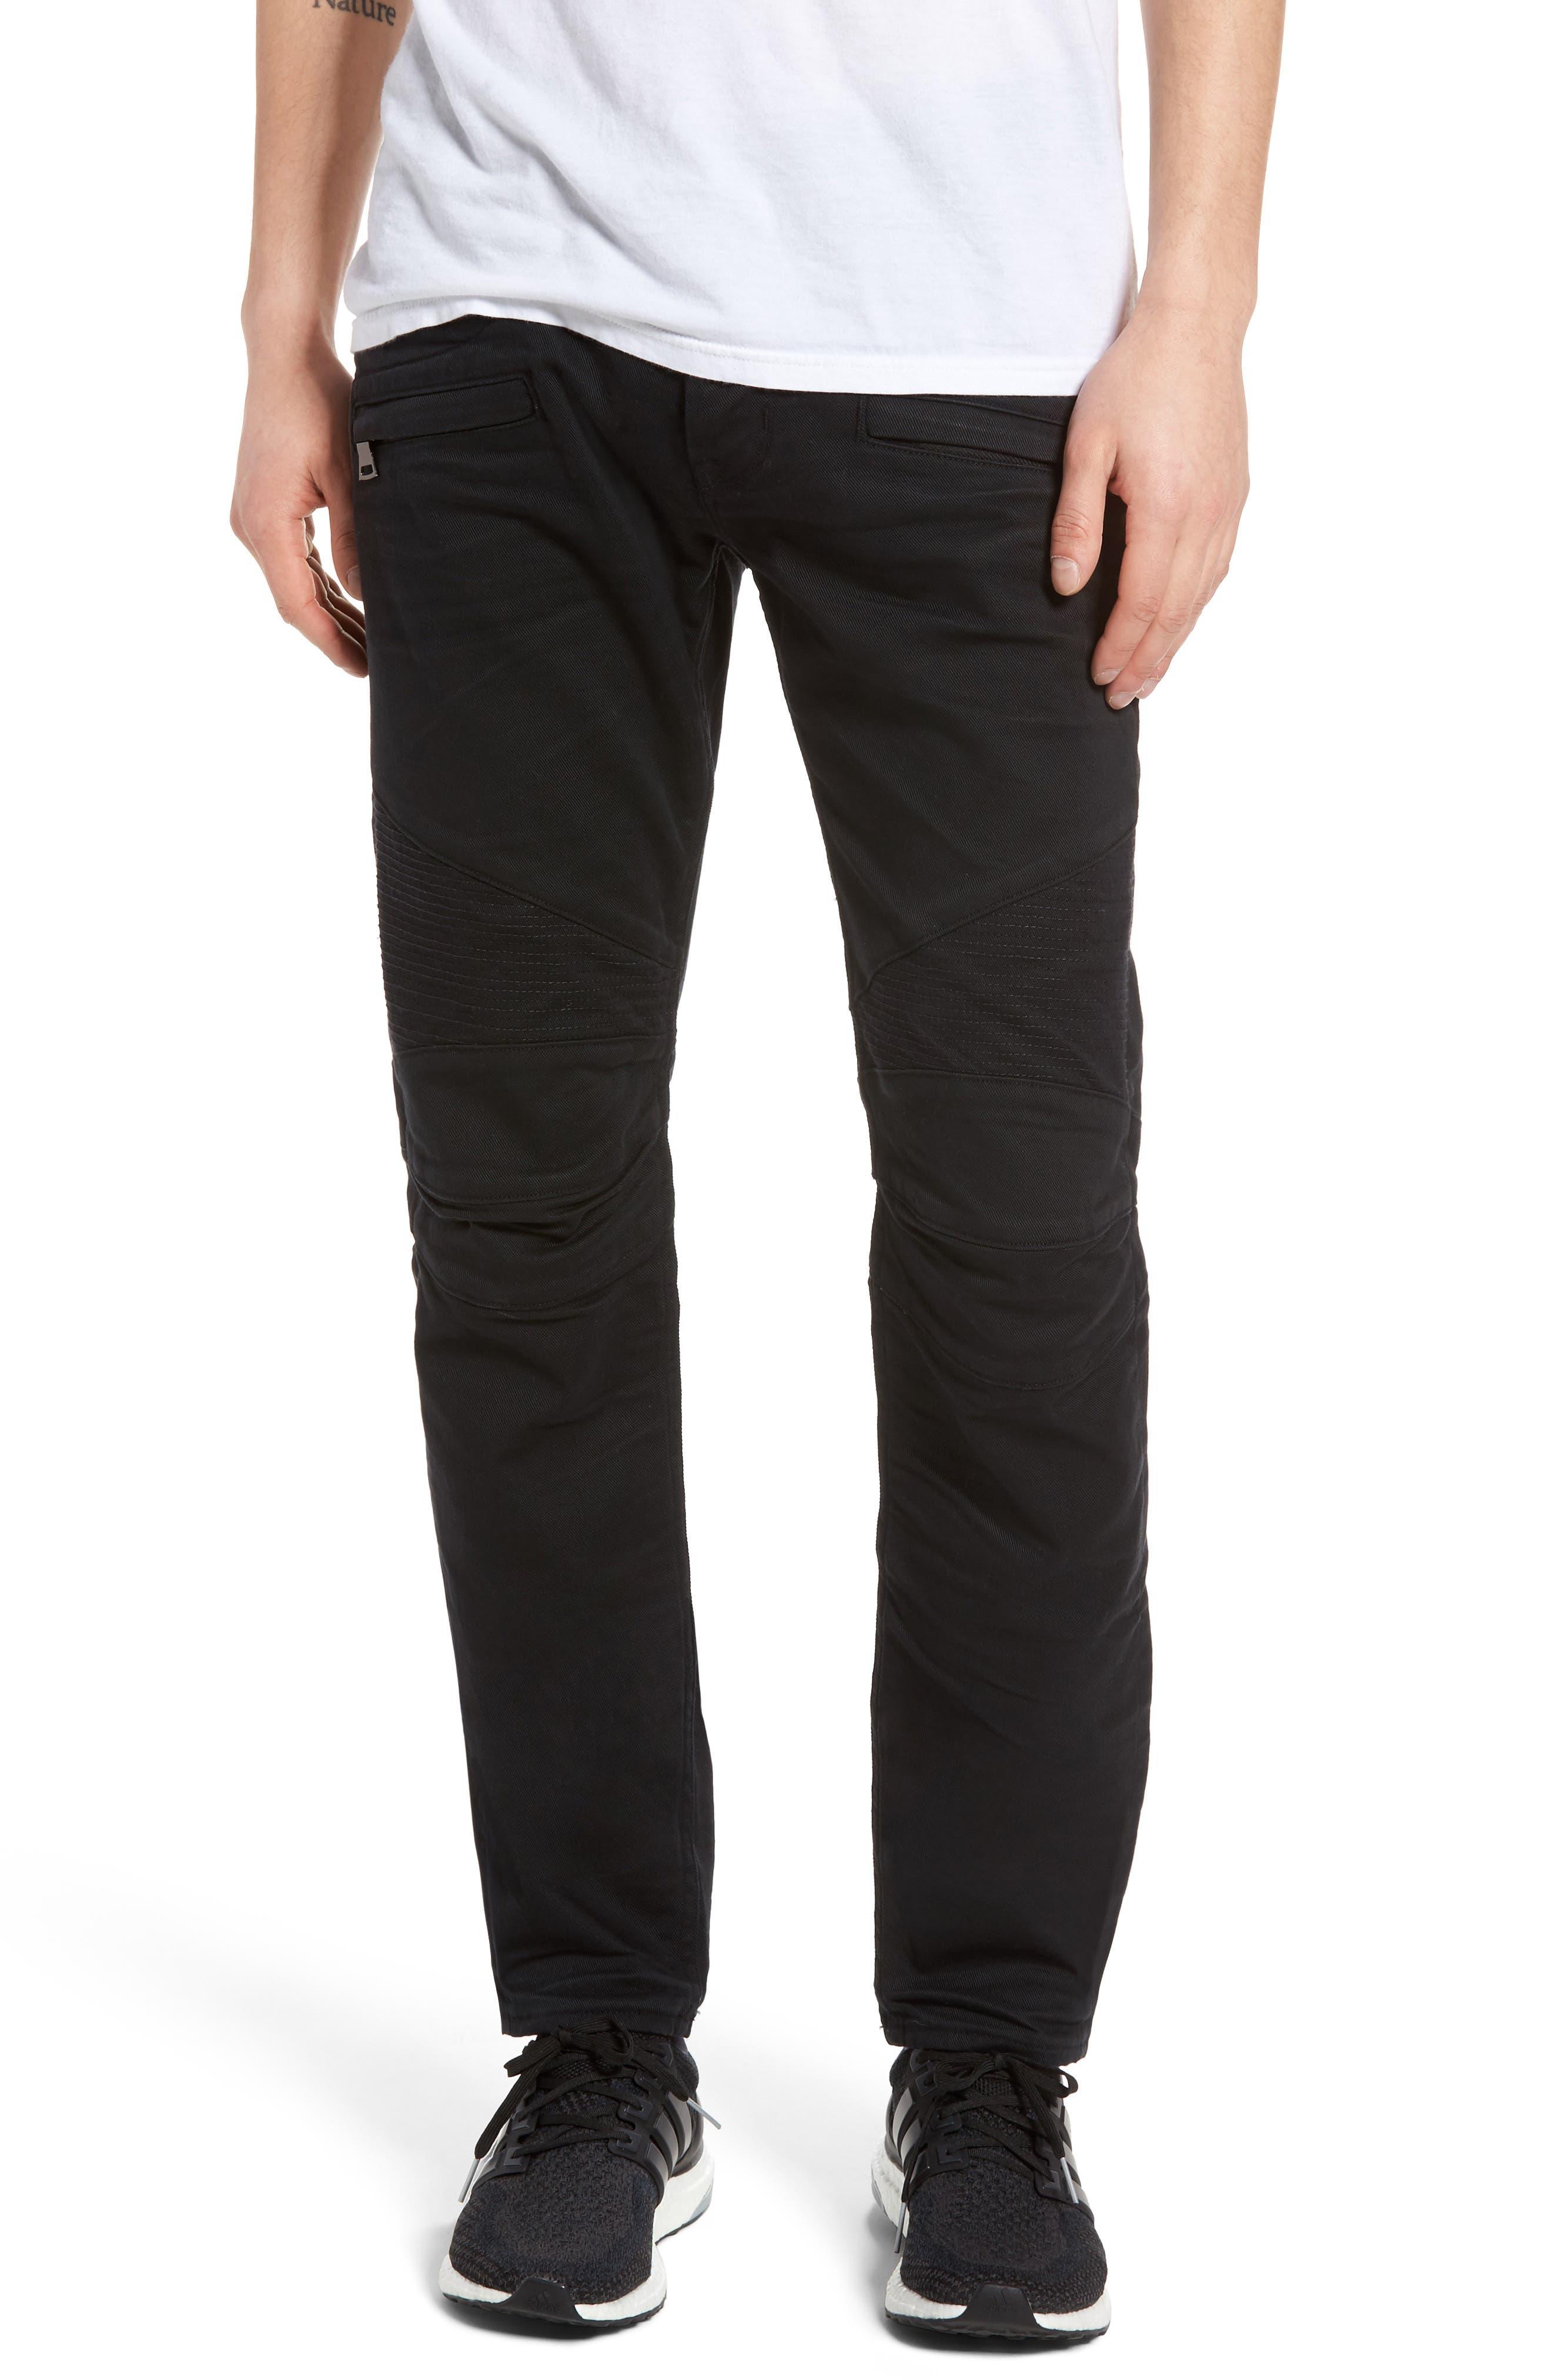 Hudson Jeans Blinder Biker Skinny Fit Jeans (Blacklight)